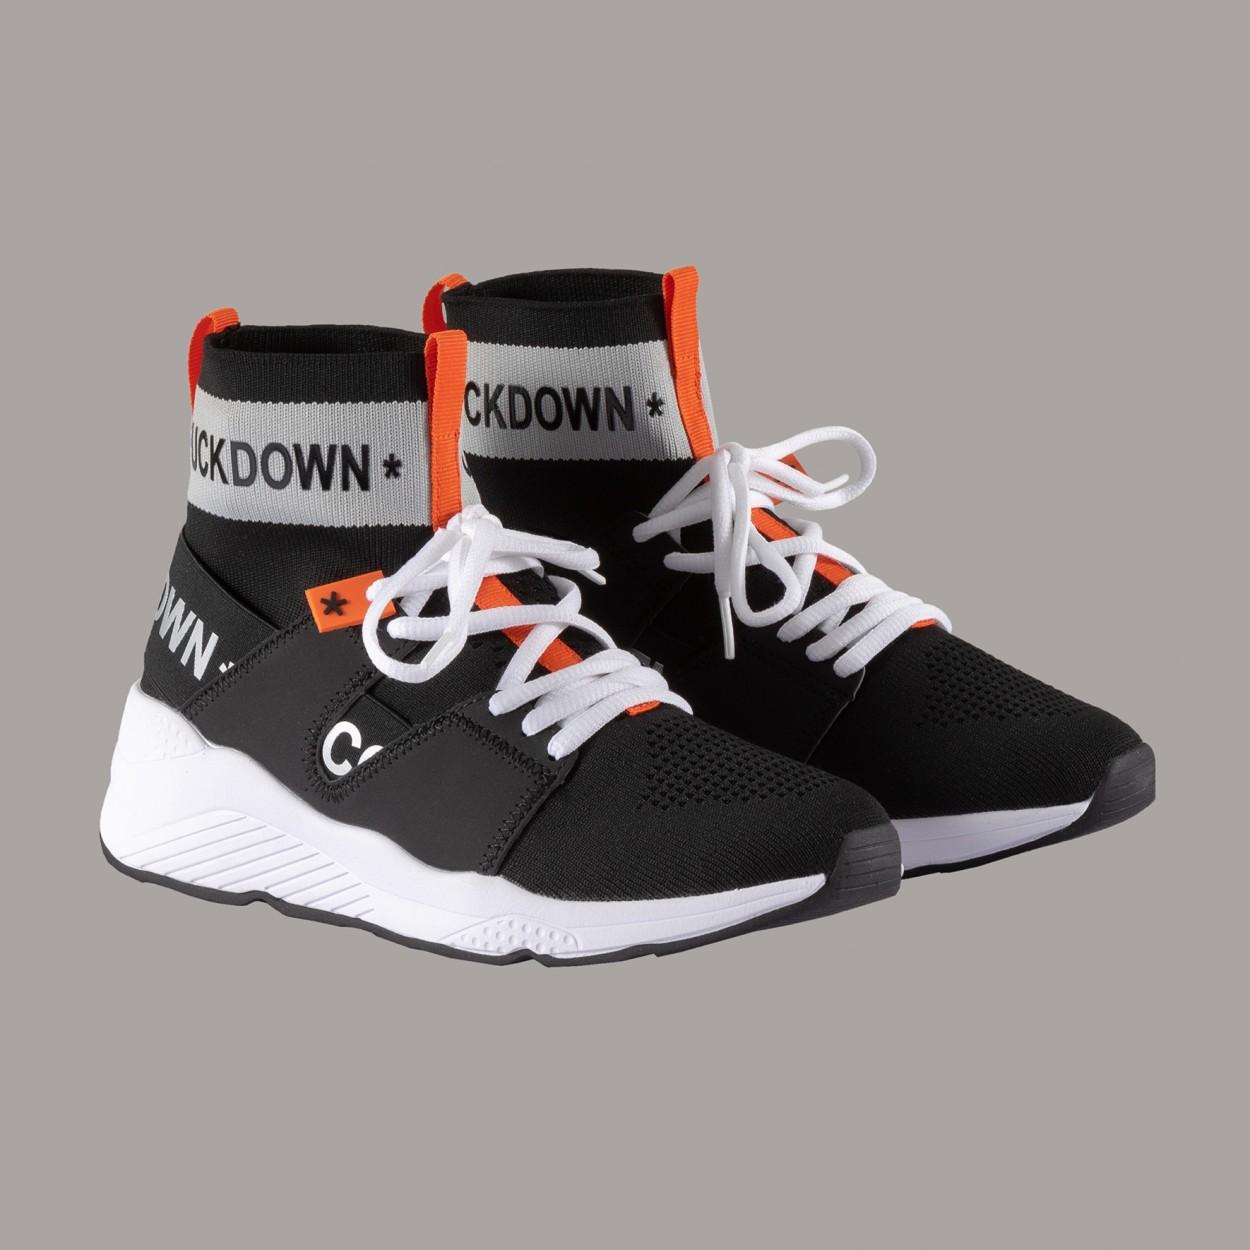 RUNNING - CDF02RUNNC - COMME DES FKDOWN